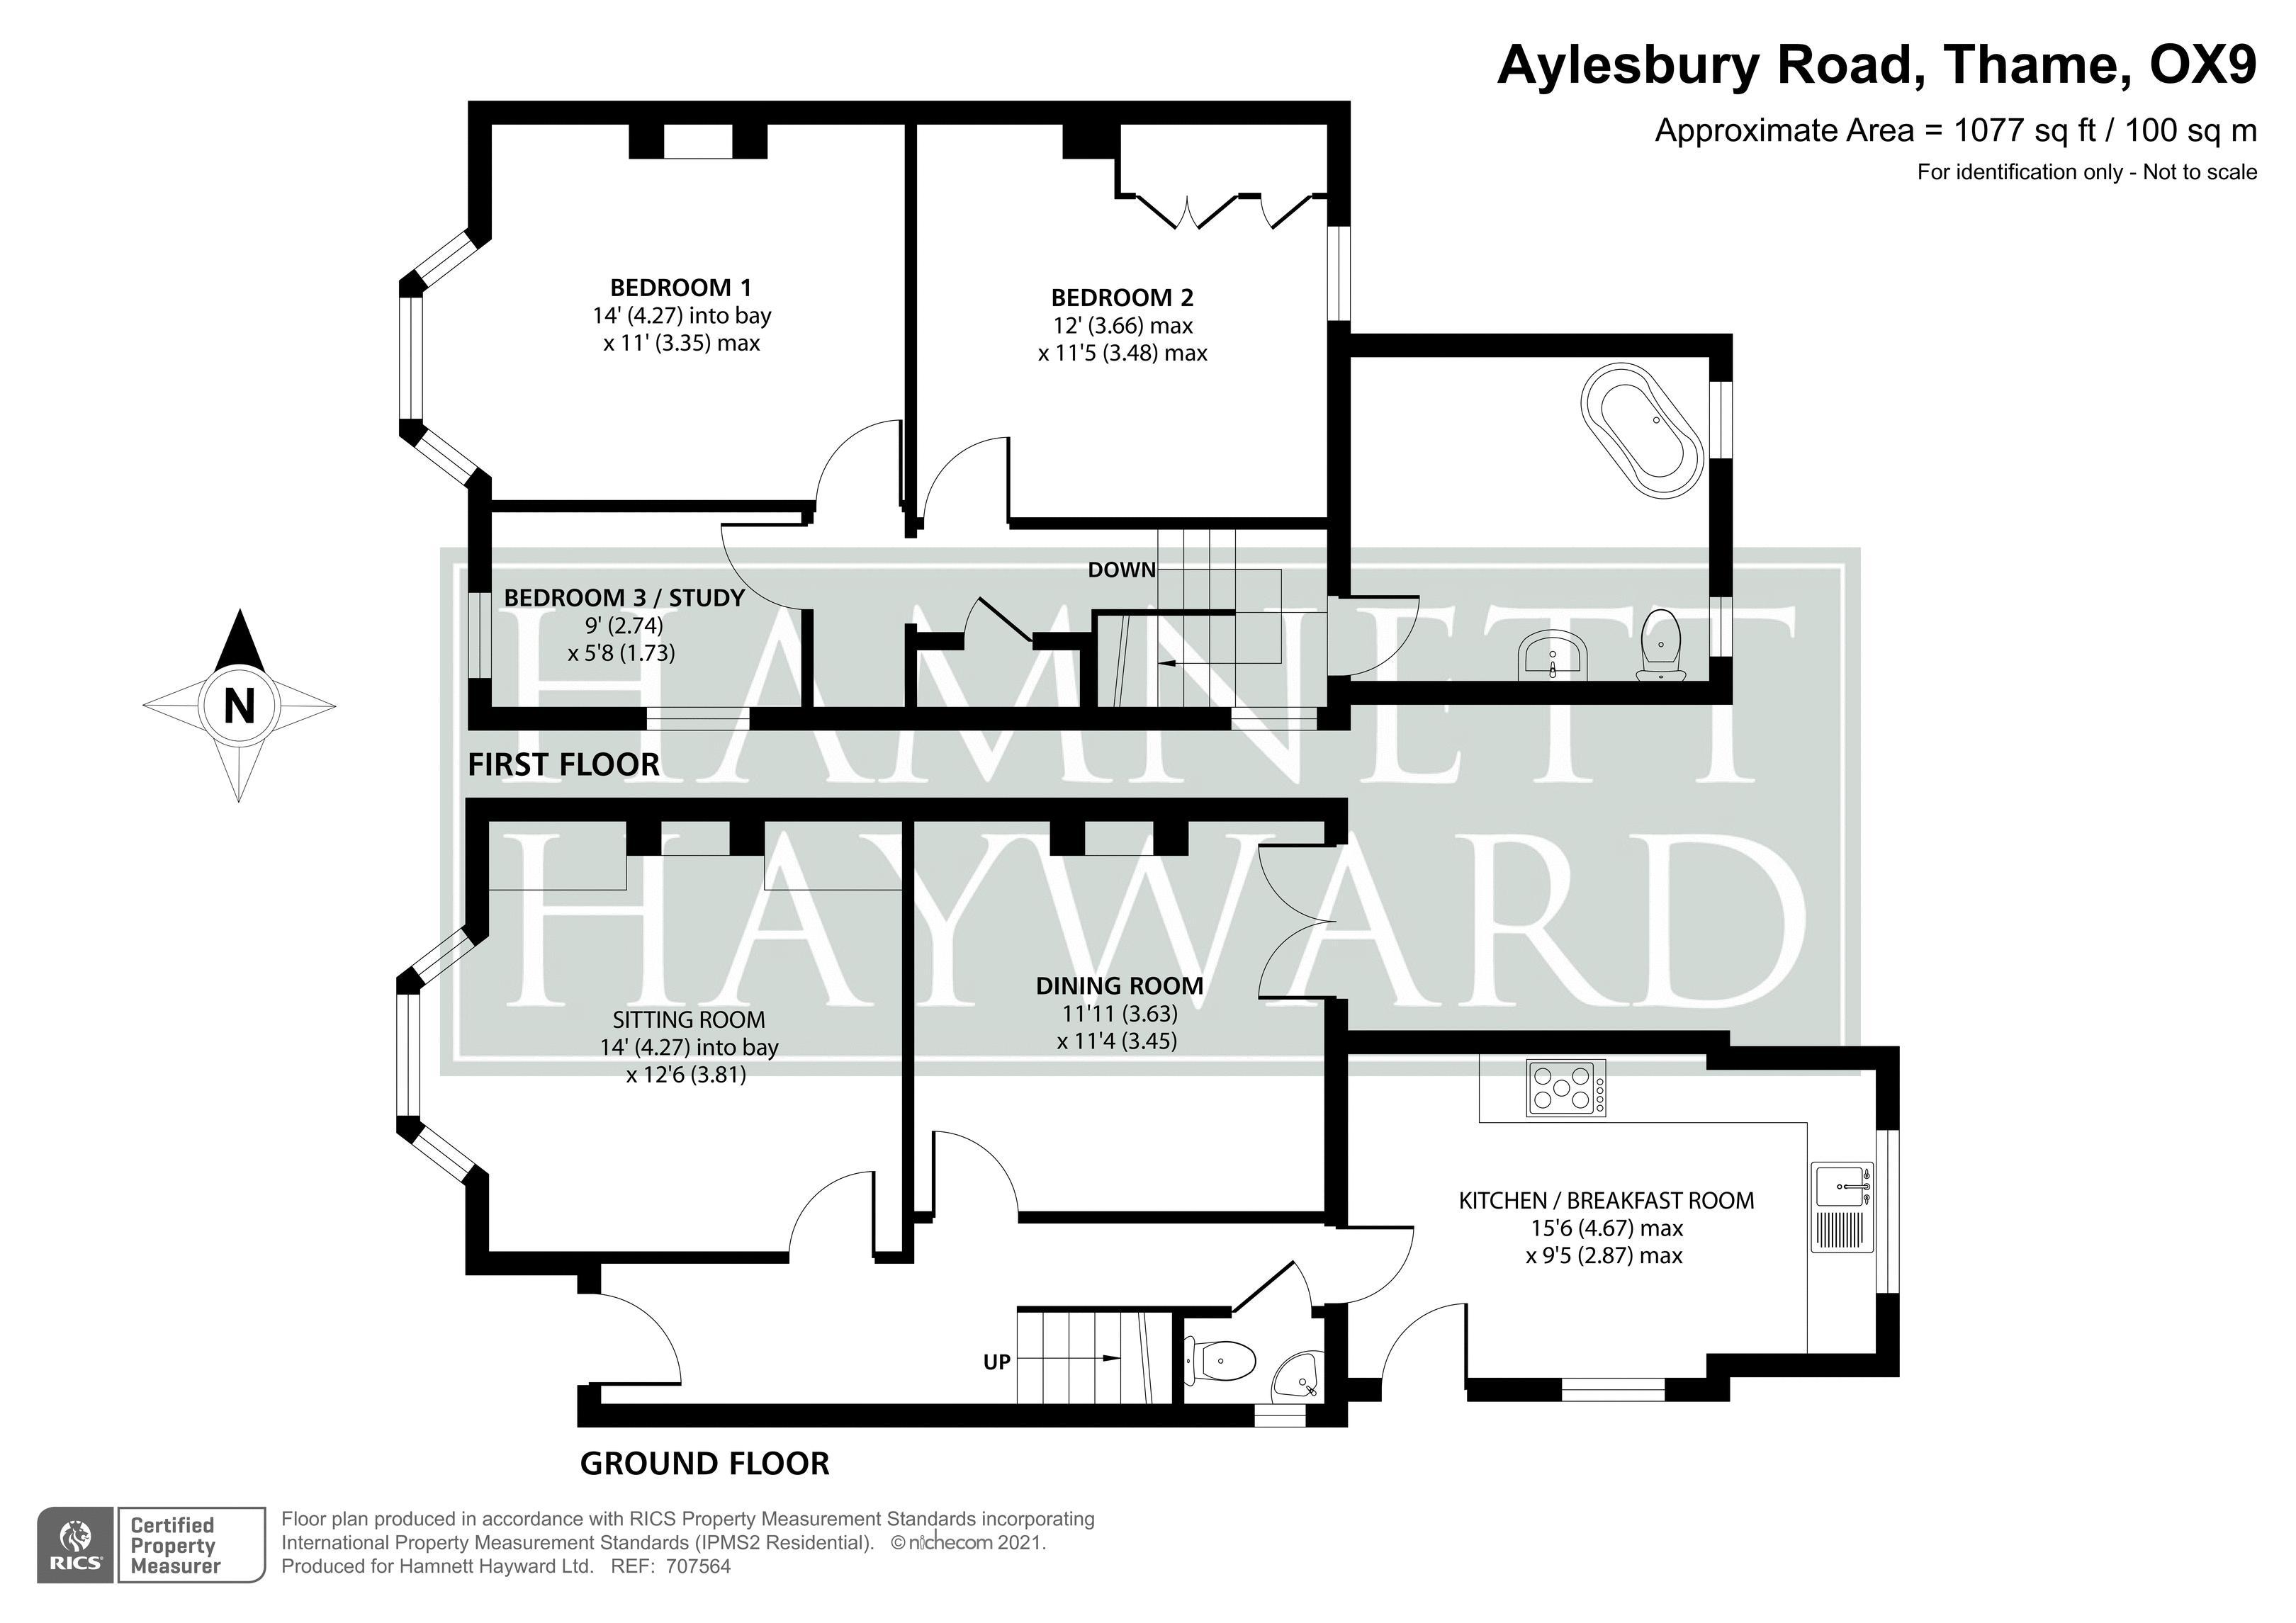 Aylesbury Road